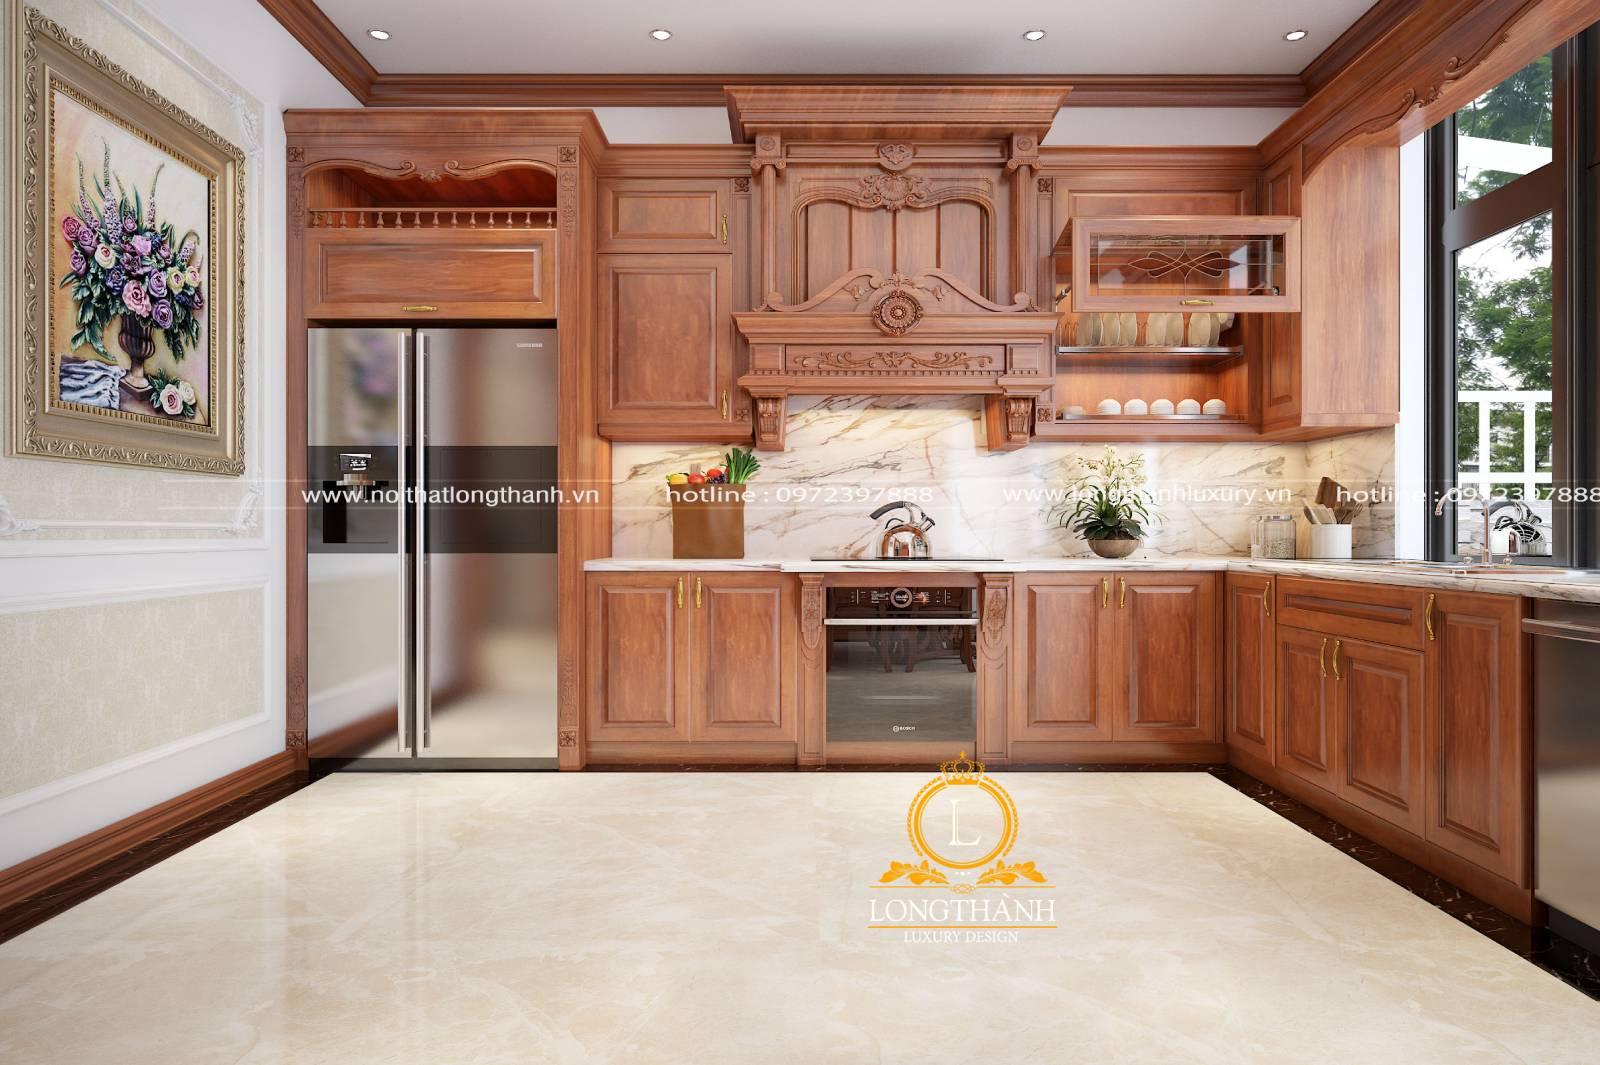 Mẫu tủ bếp tân cổ điển gỗ Gõ chữ L